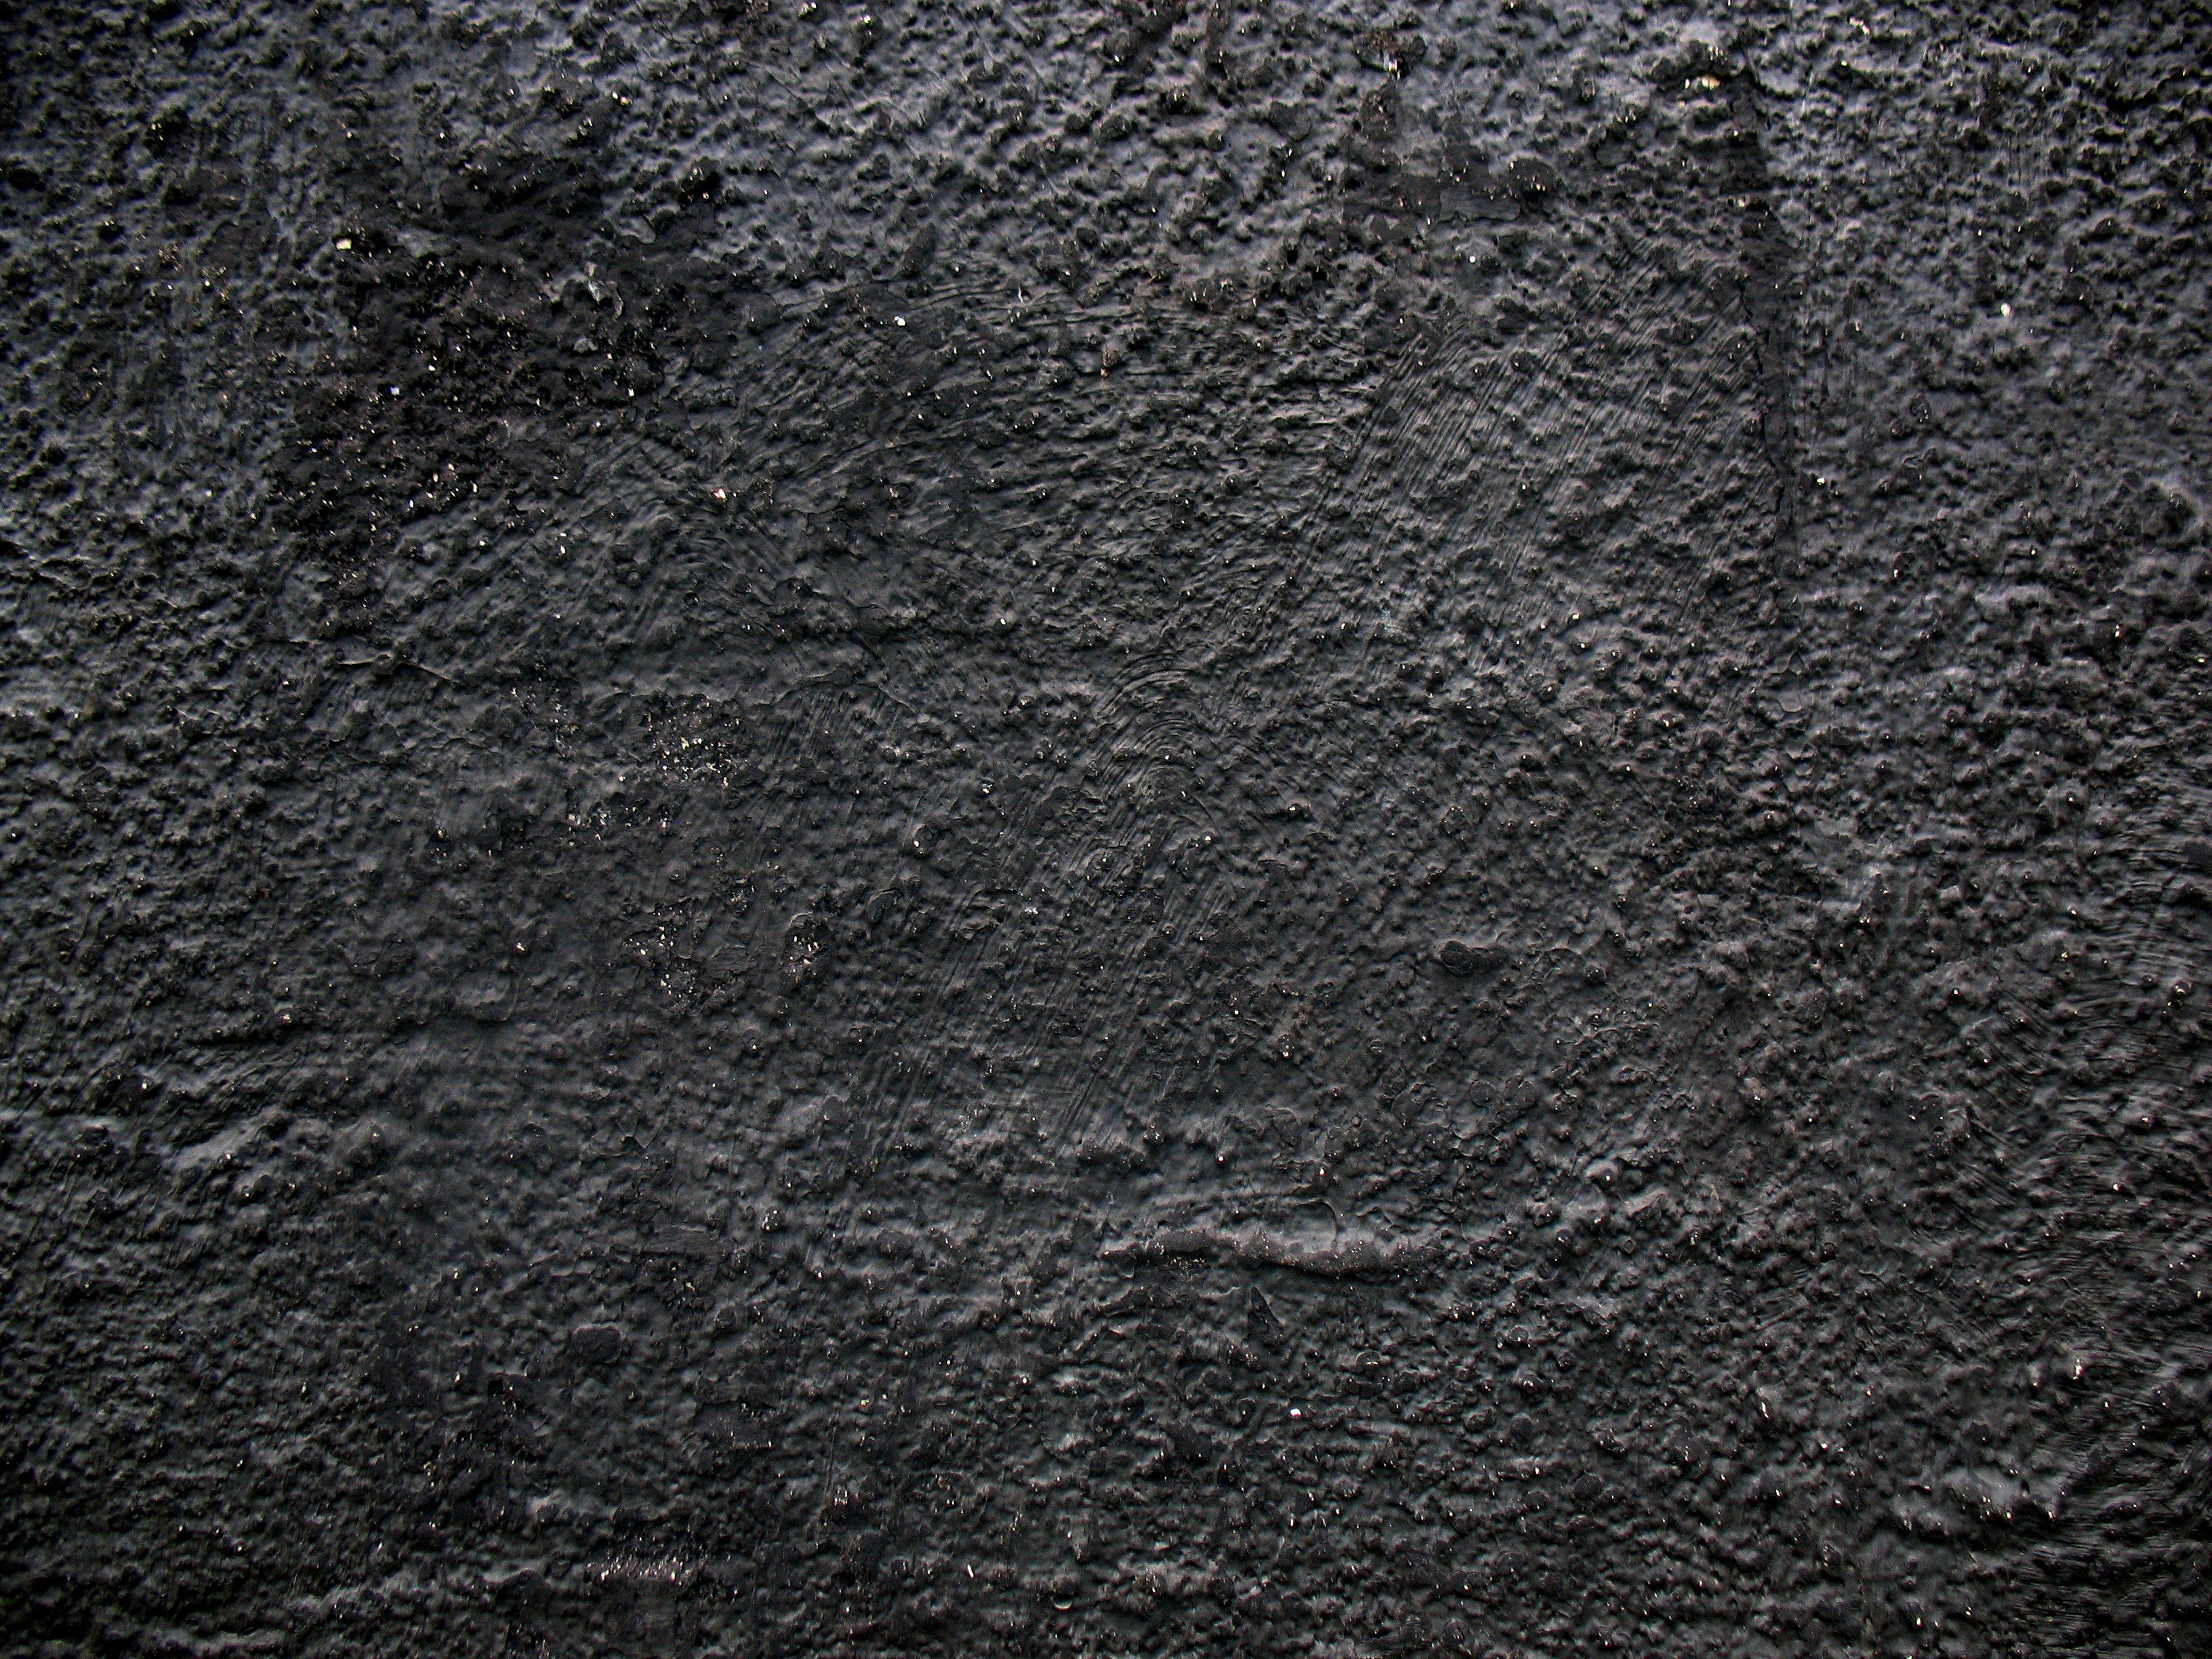 Black Wall Texture, Black, Dark, Freetexturefrida, Grunge, HQ Photo